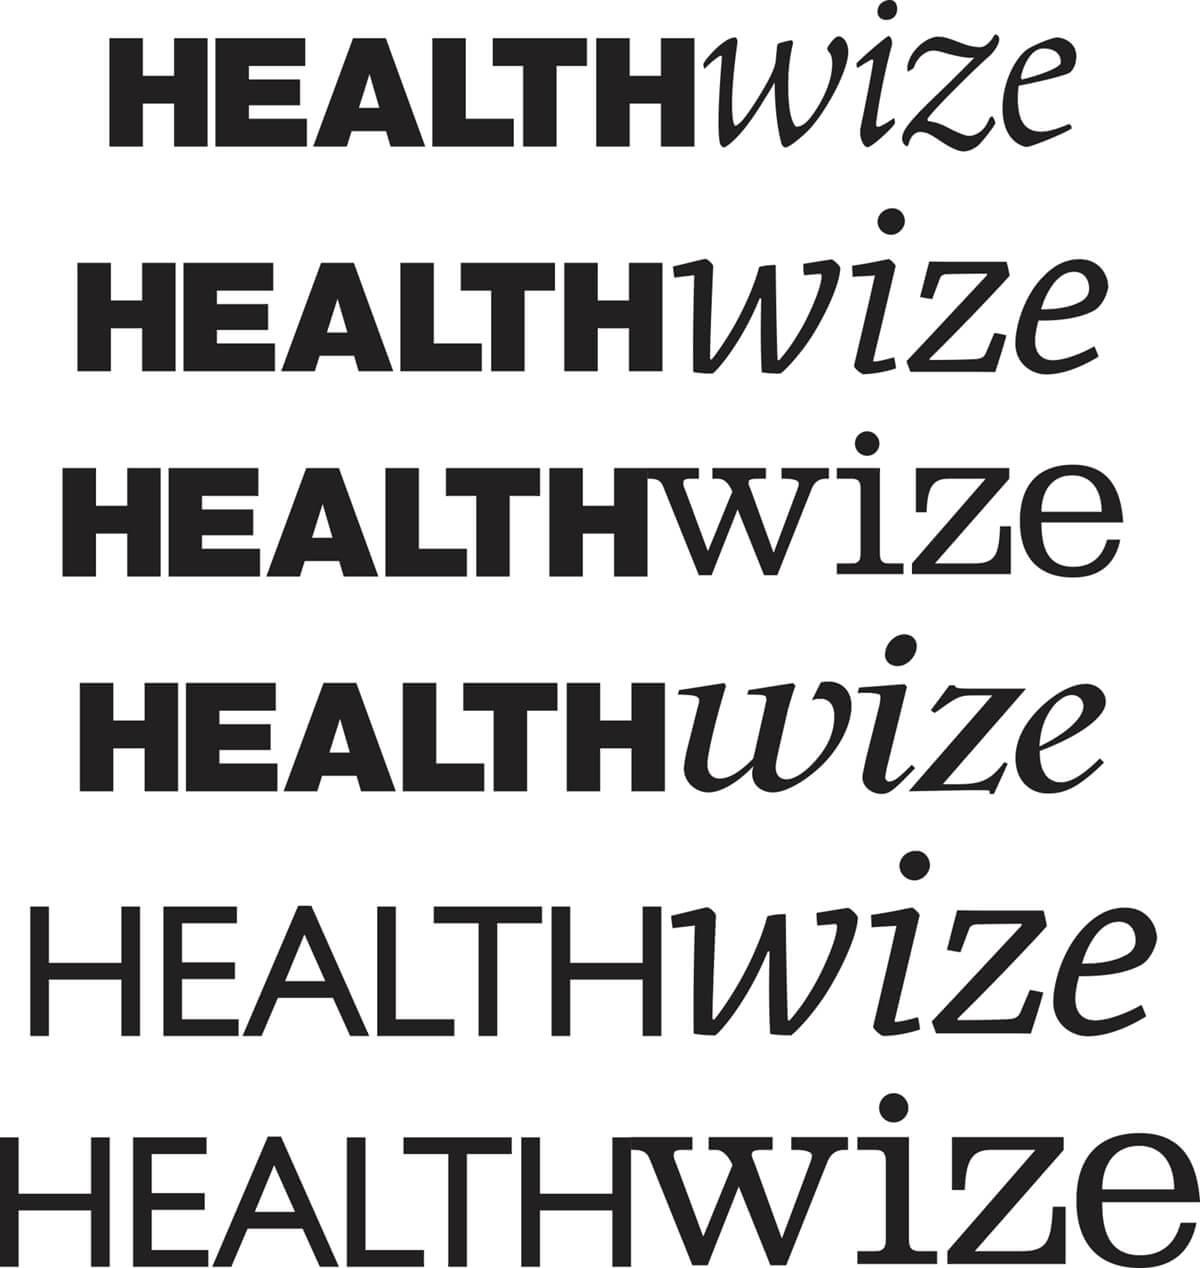 Healthwize 2